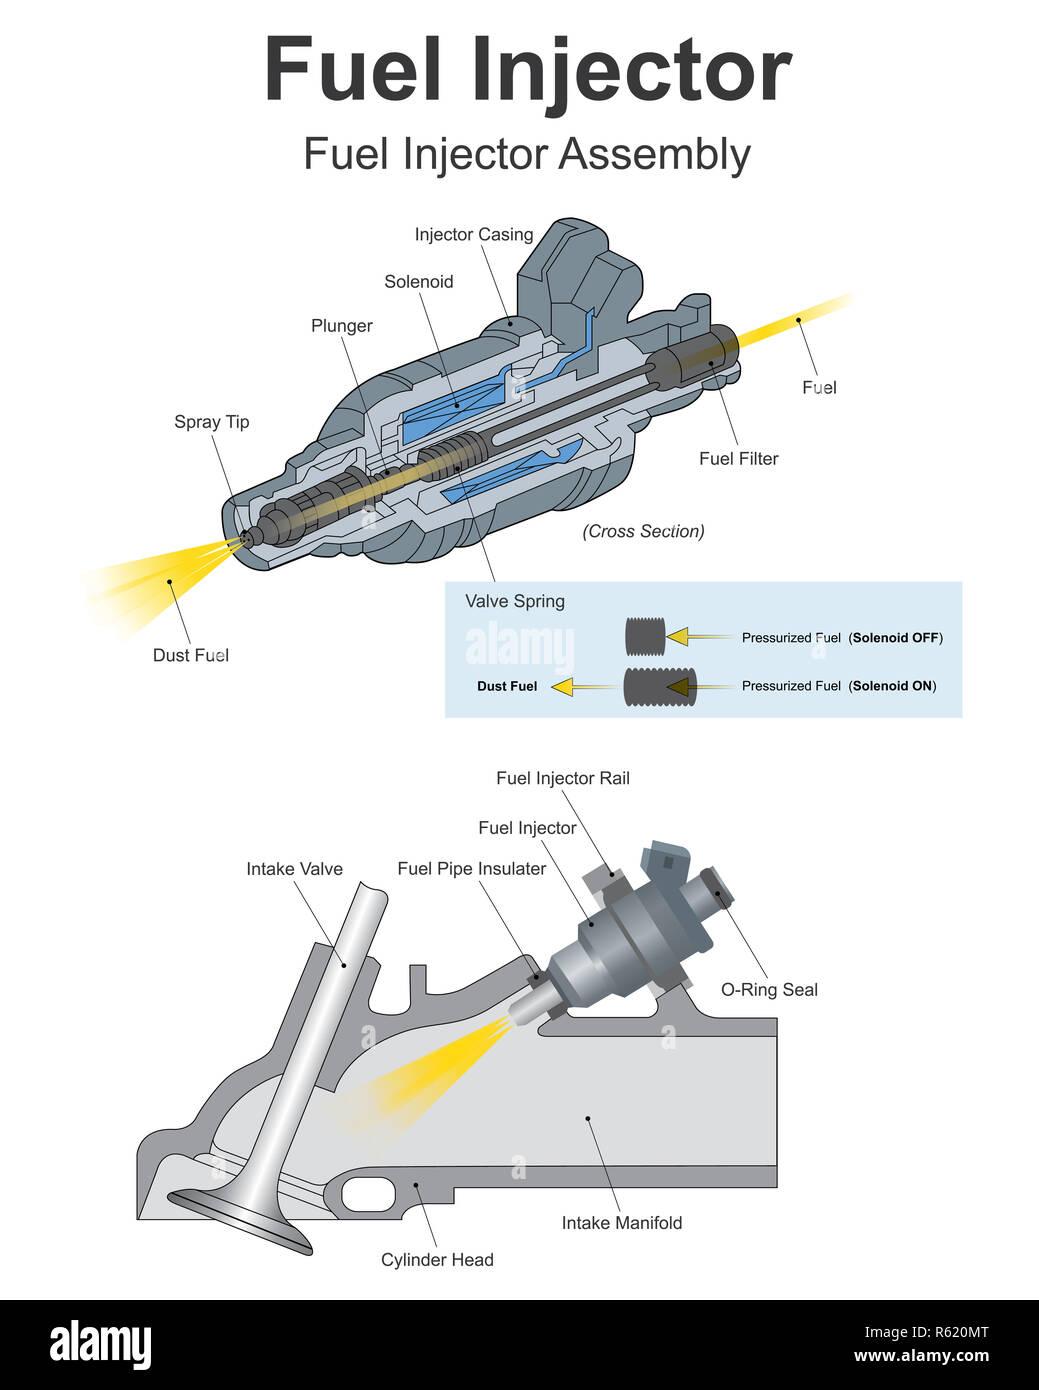 L'injection de carburant est l'introduction de carburant dans un ...